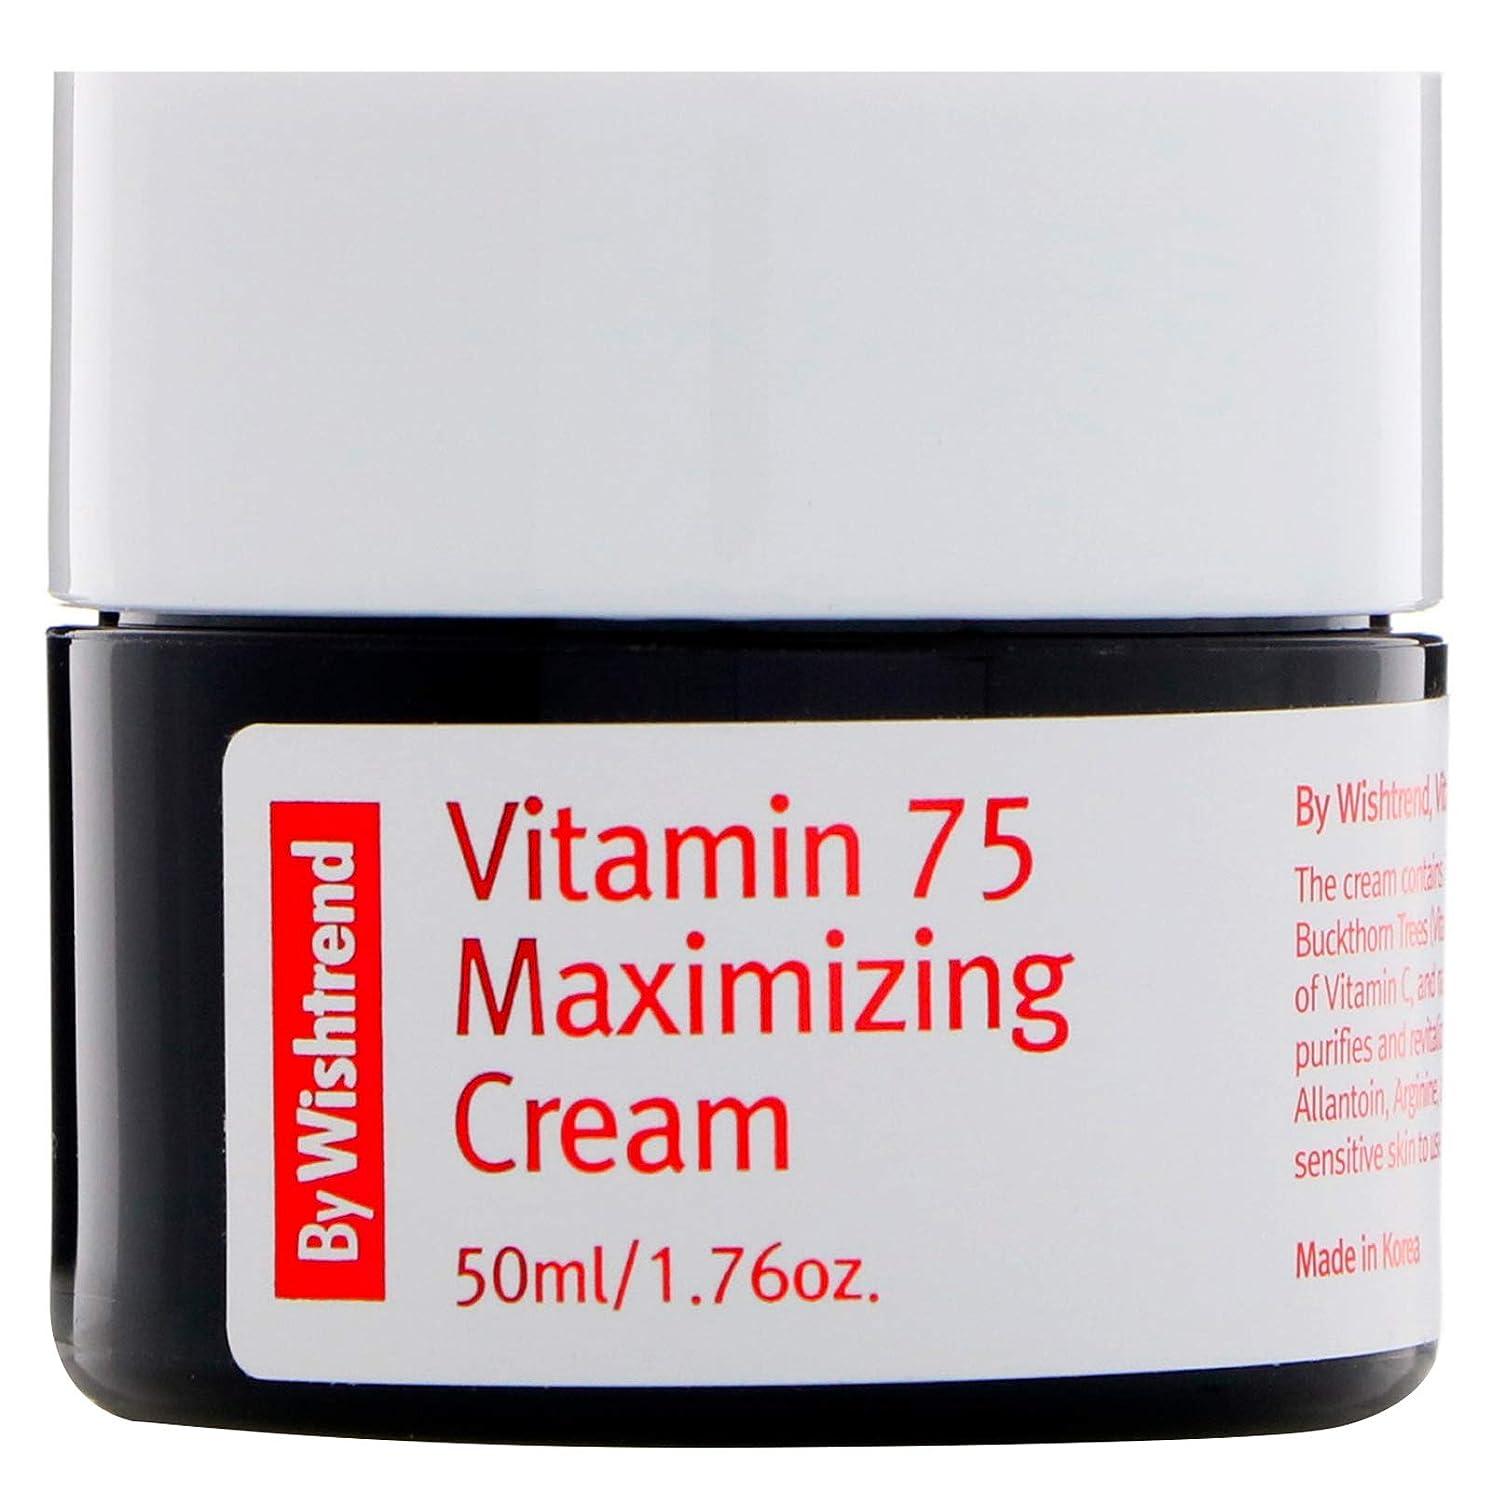 シャーロックホームズ始める恋人[BY WISHTREND]ビタミン75 マキシマイジング クリーム, Vitamin 75 Maximizing Cream [並行輸入品]